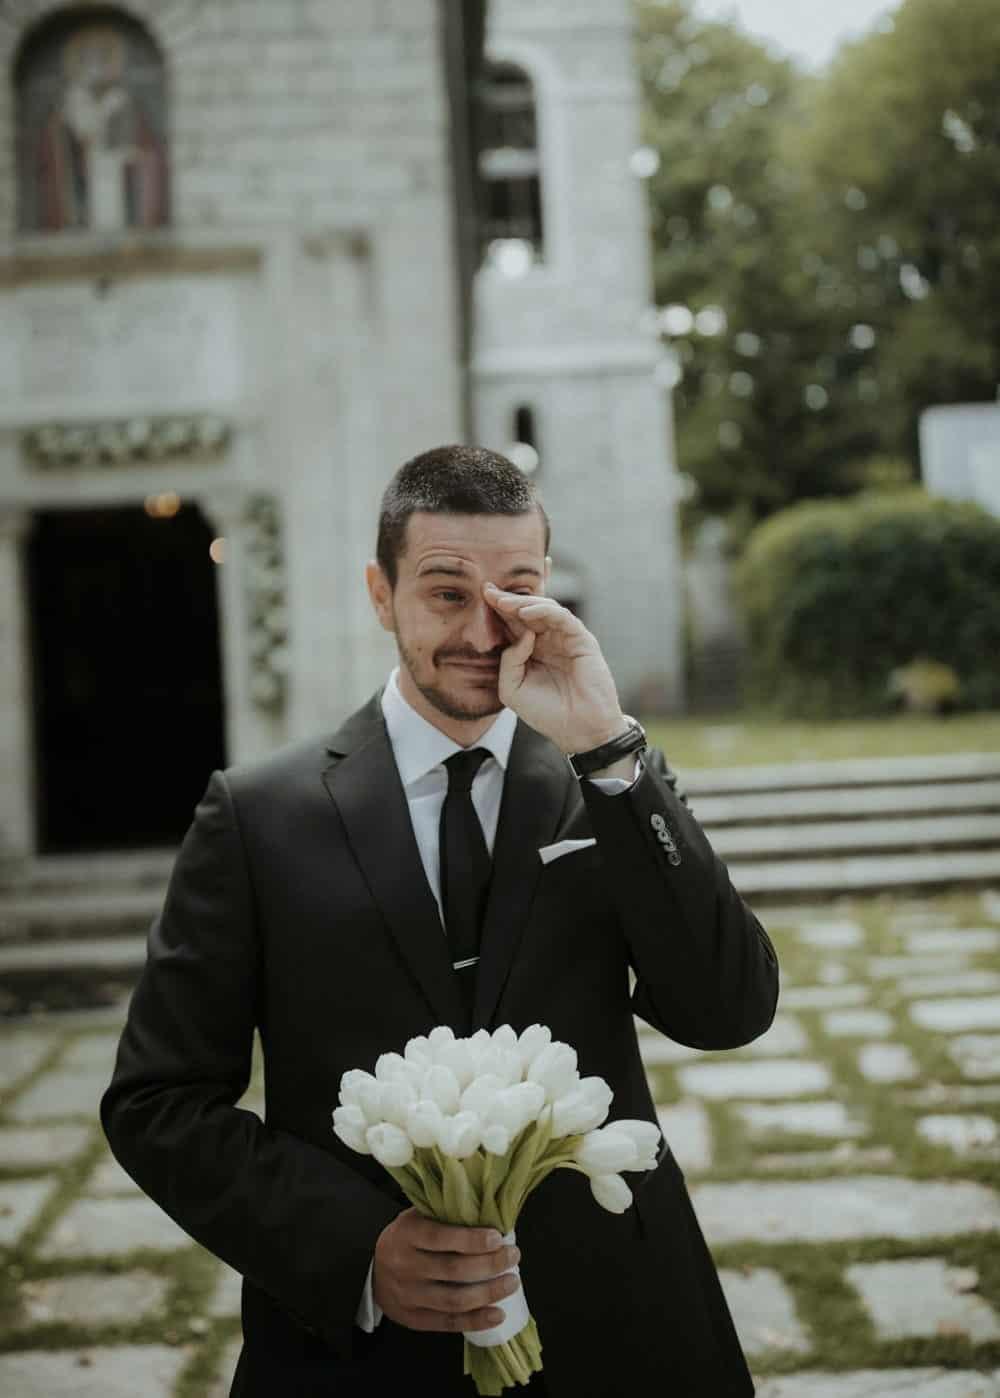 emotional groom waiting the bride